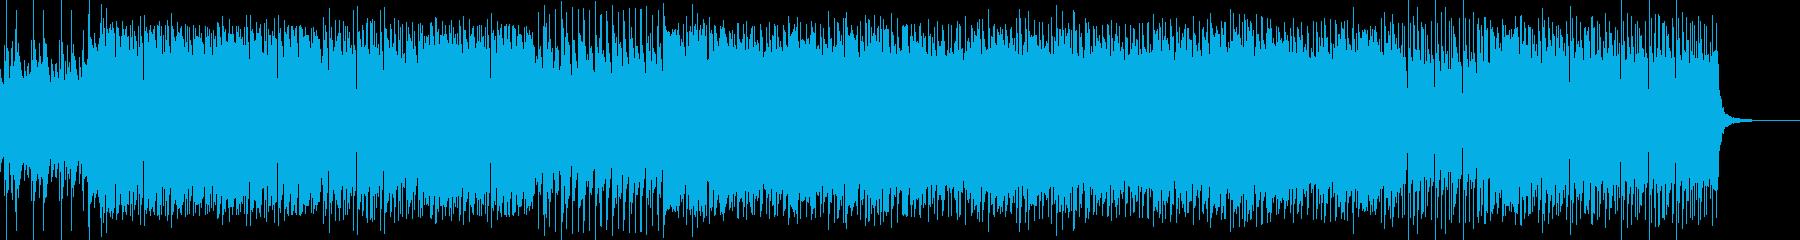 裏の世界をイメージしたプログレサウンドの再生済みの波形